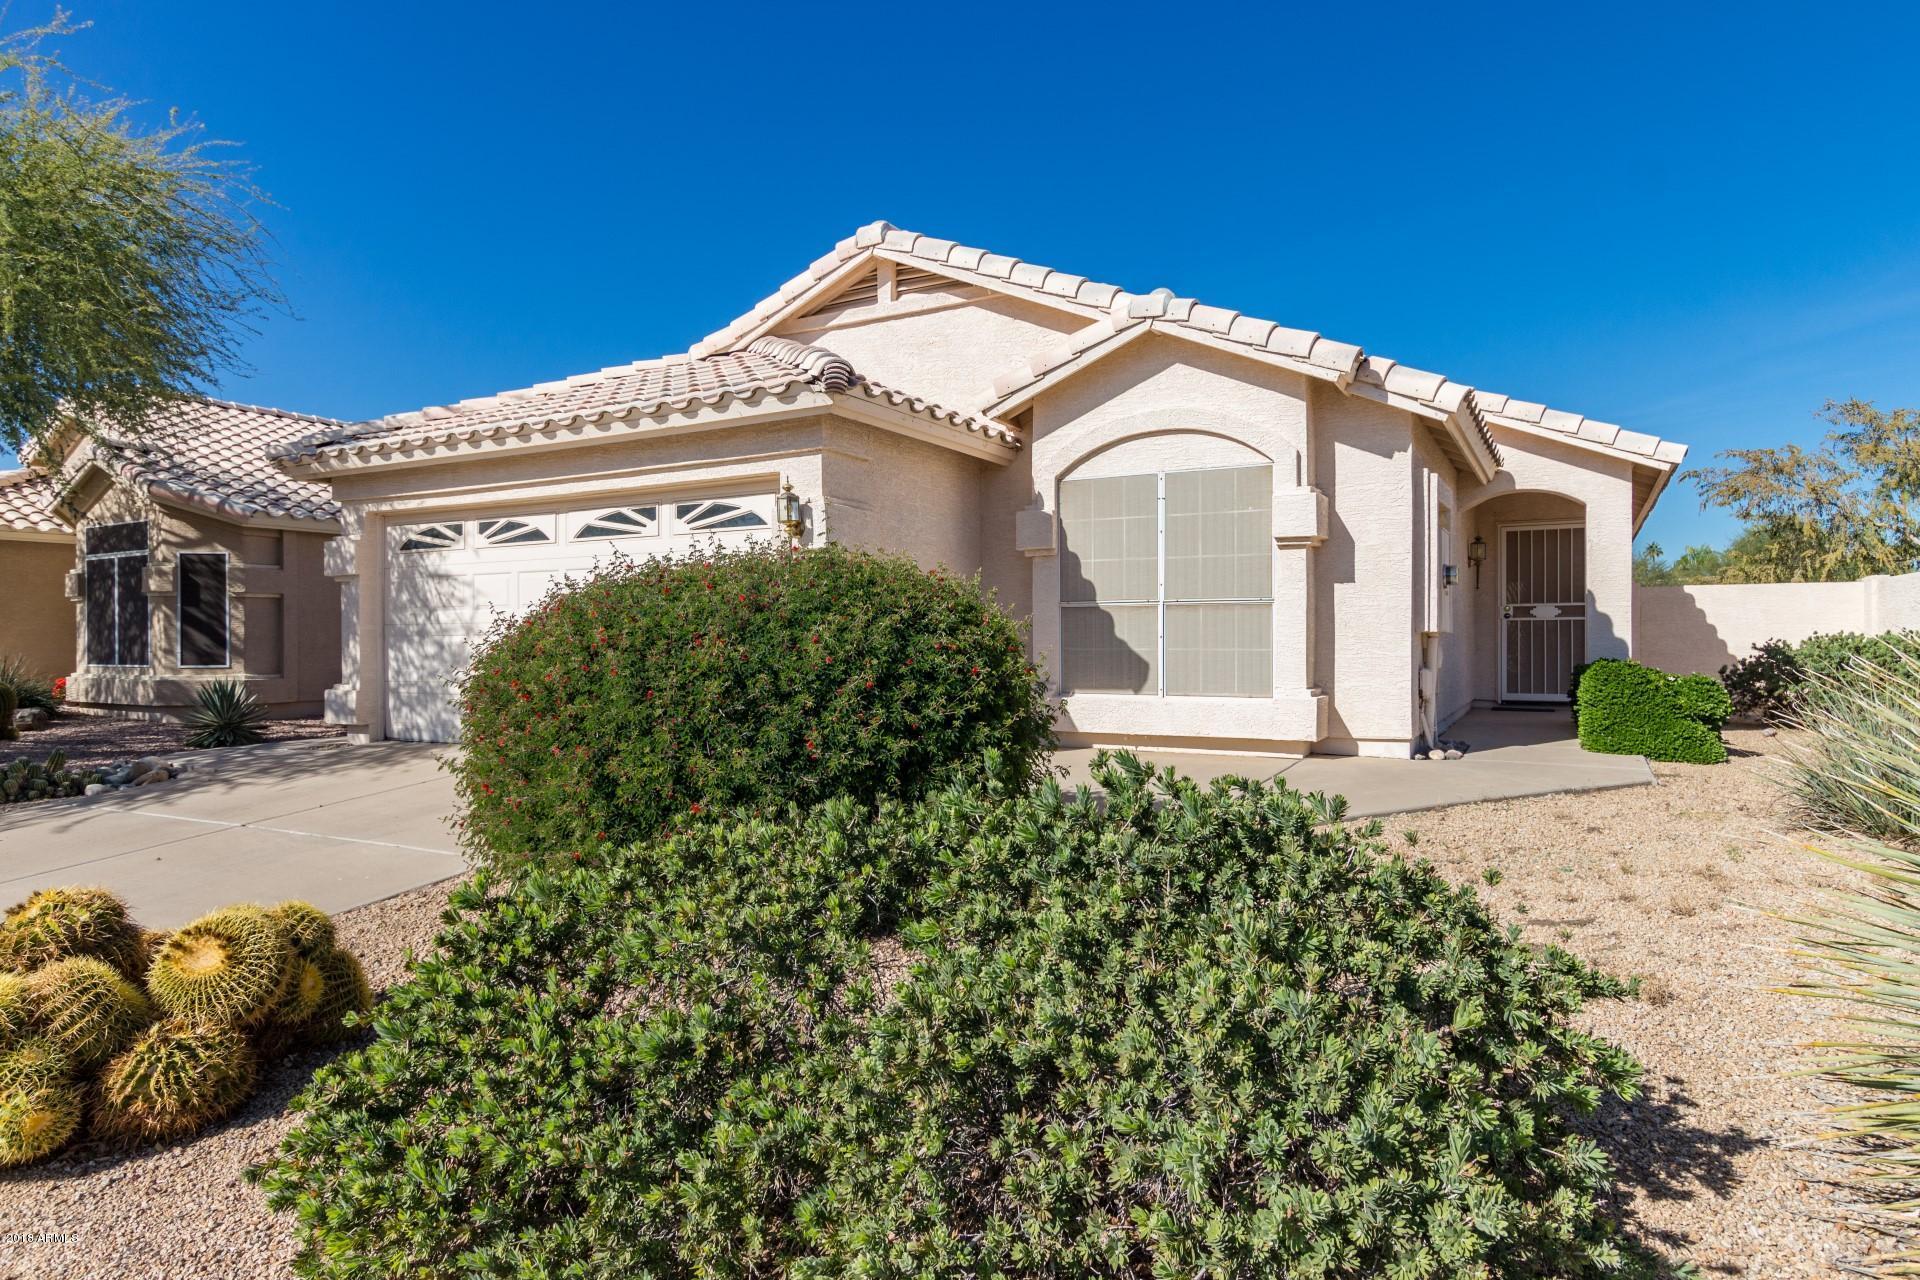 MLS 5849283 1741 S CLEARVIEW Avenue Unit 89, Mesa, AZ 85209 Mesa AZ Superstition Springs